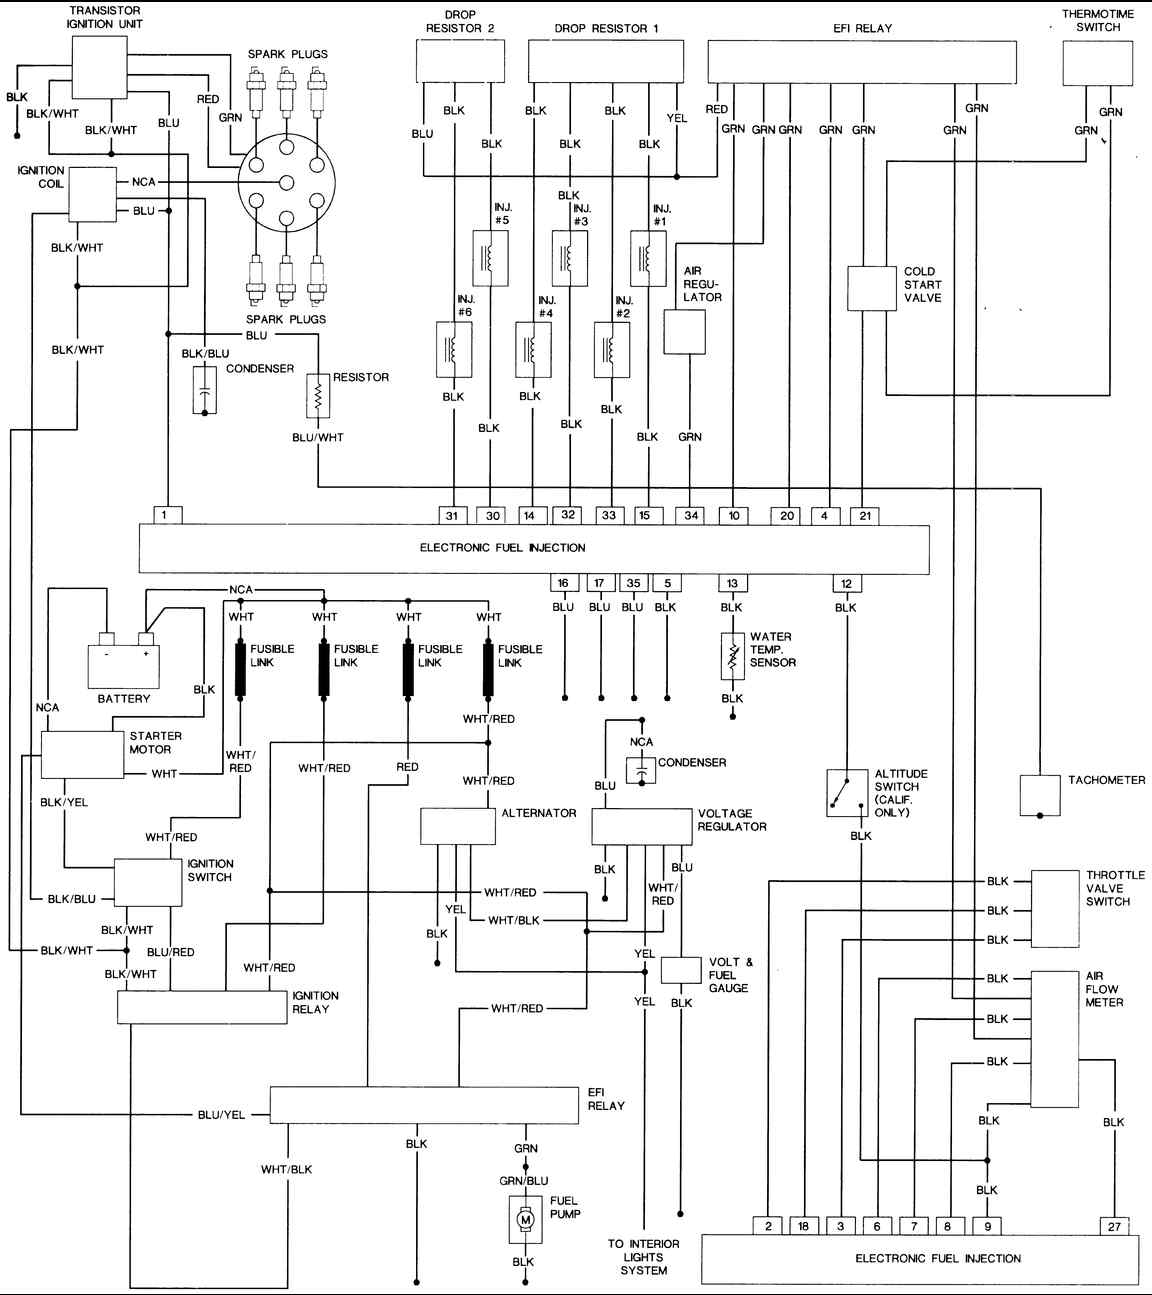 83 280zx Wiring Diagram -1998 Subaru Legacy Fuse Box   Begeboy Wiring  Diagram Source   1981 280zx Injector Wiring Diagram      Begeboy Wiring Diagram Source